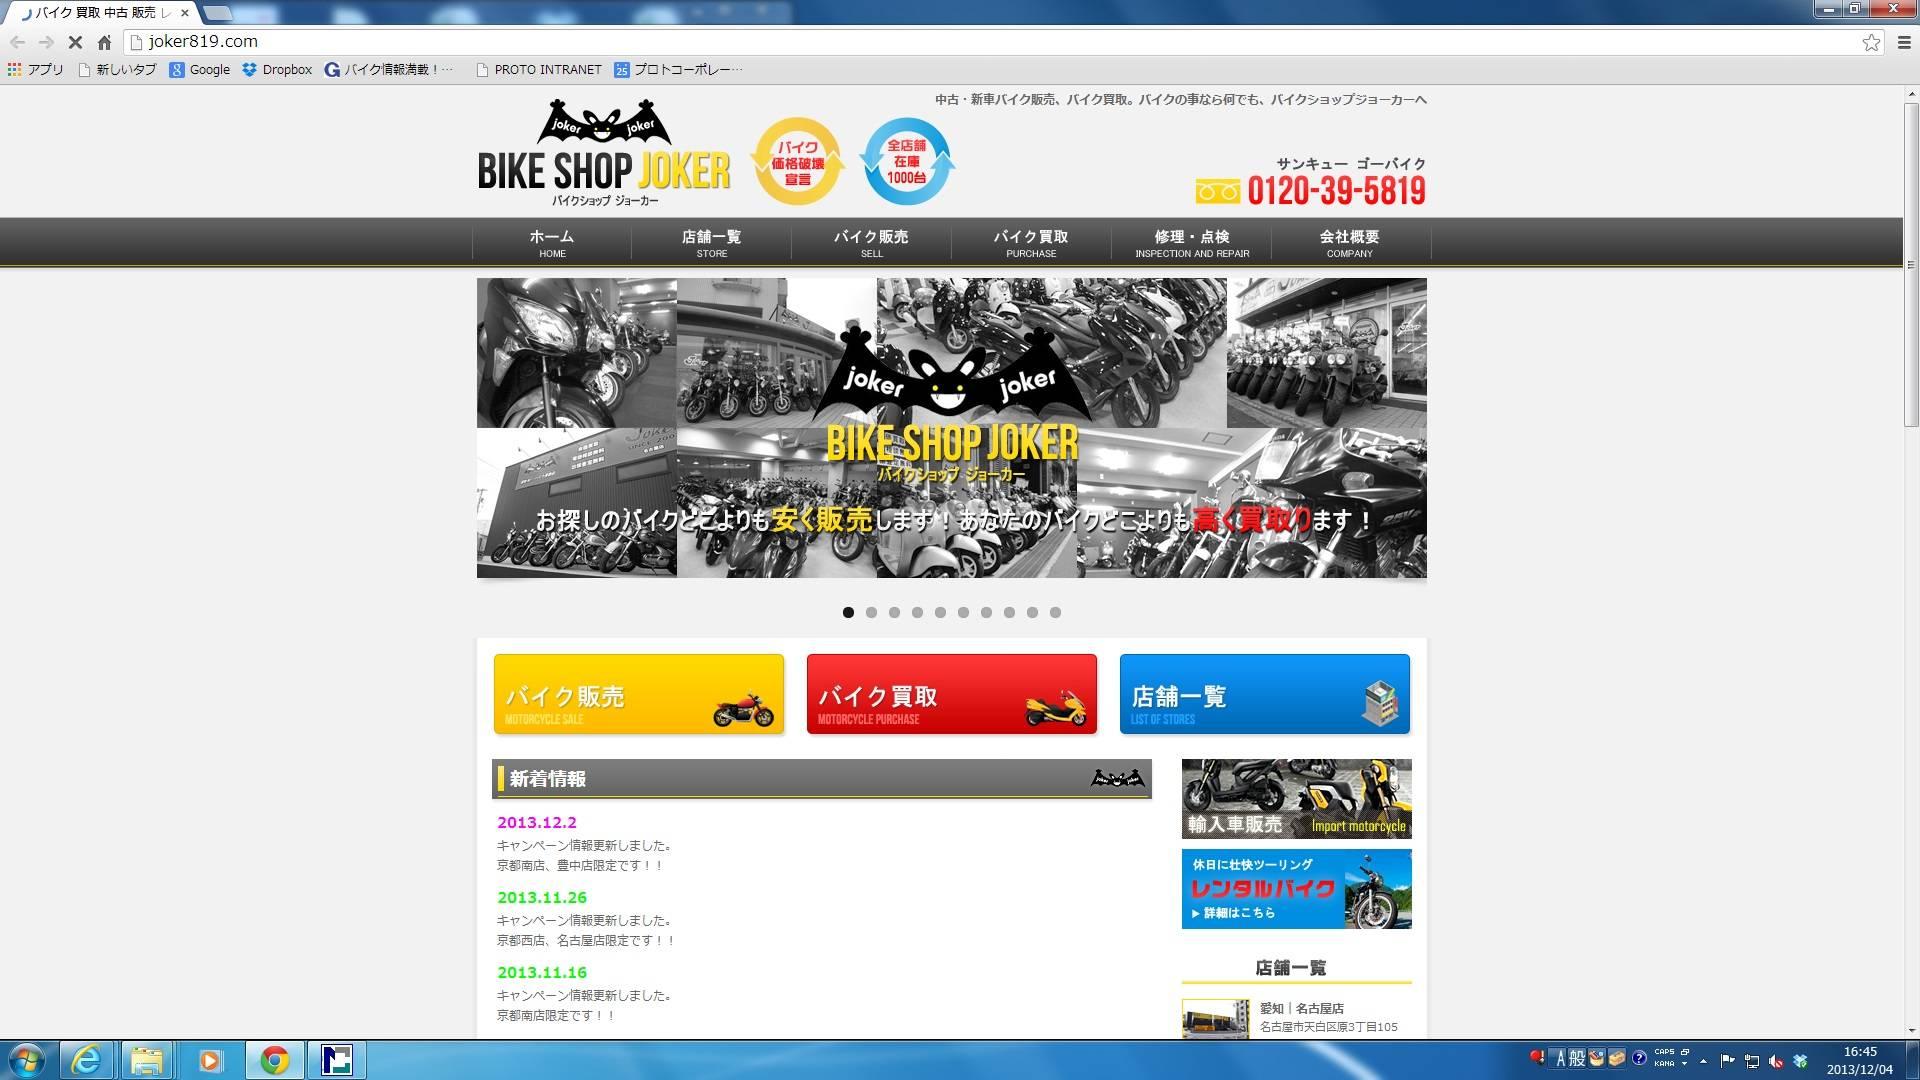 バイクショップ ジョーカー 大阪空港店 OFFICE GUTS(株)